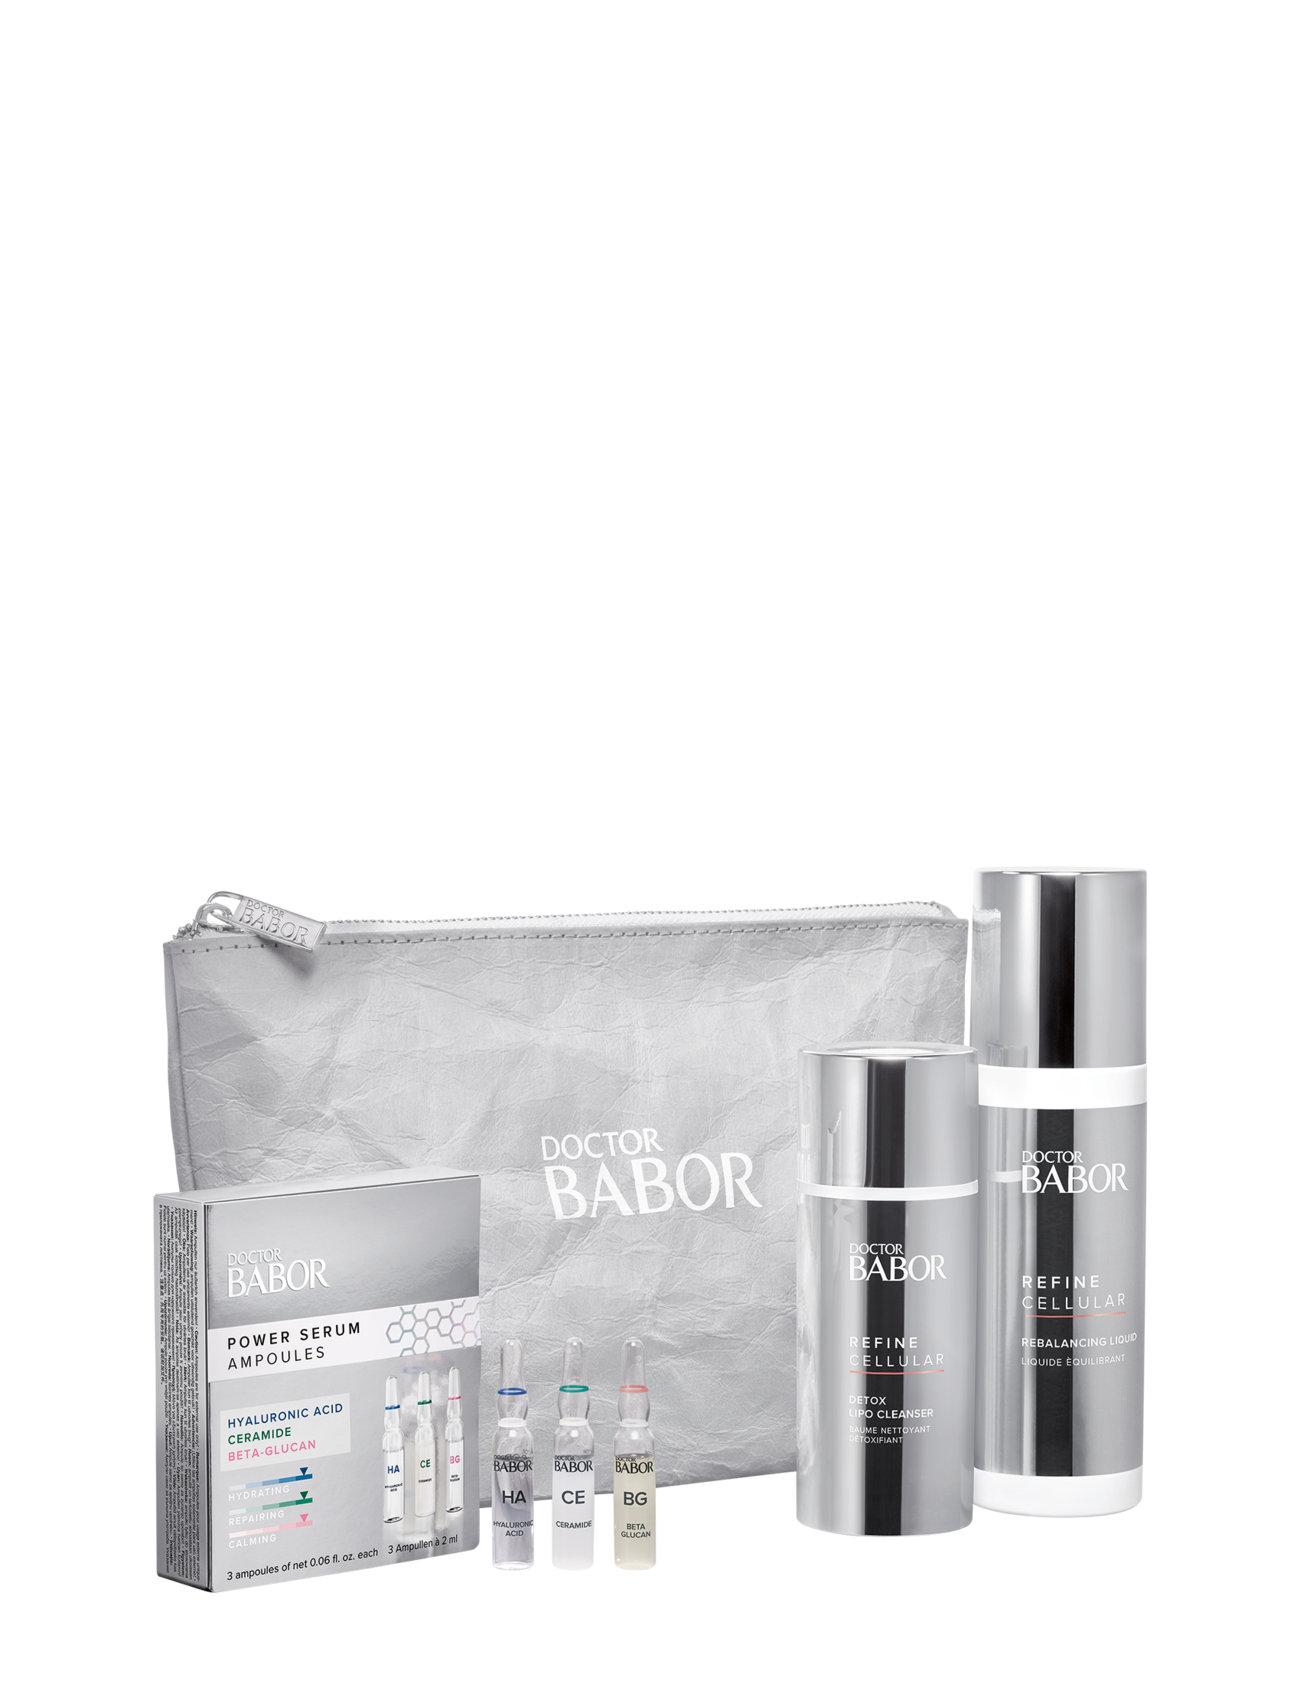 Doctor Babor Refine Set 2021 Hudplejesæt Nude Babor